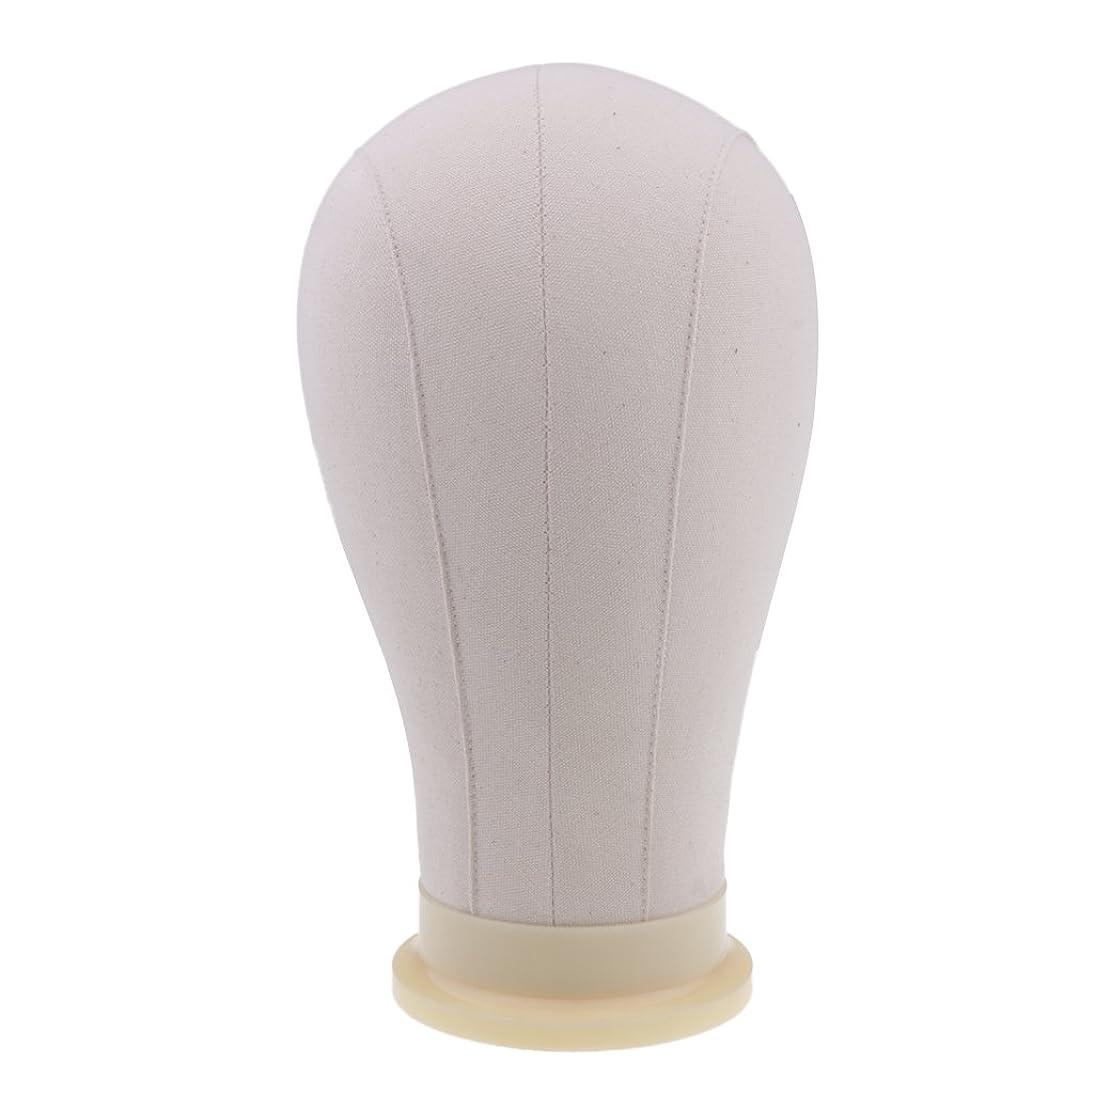 露出度の高いダウン手術Toygogo マネキンヘッド ディスプレイ 頭部モデル かつら 帽子 メガネ 展示 ホルダー 4サイズ - 23インチ